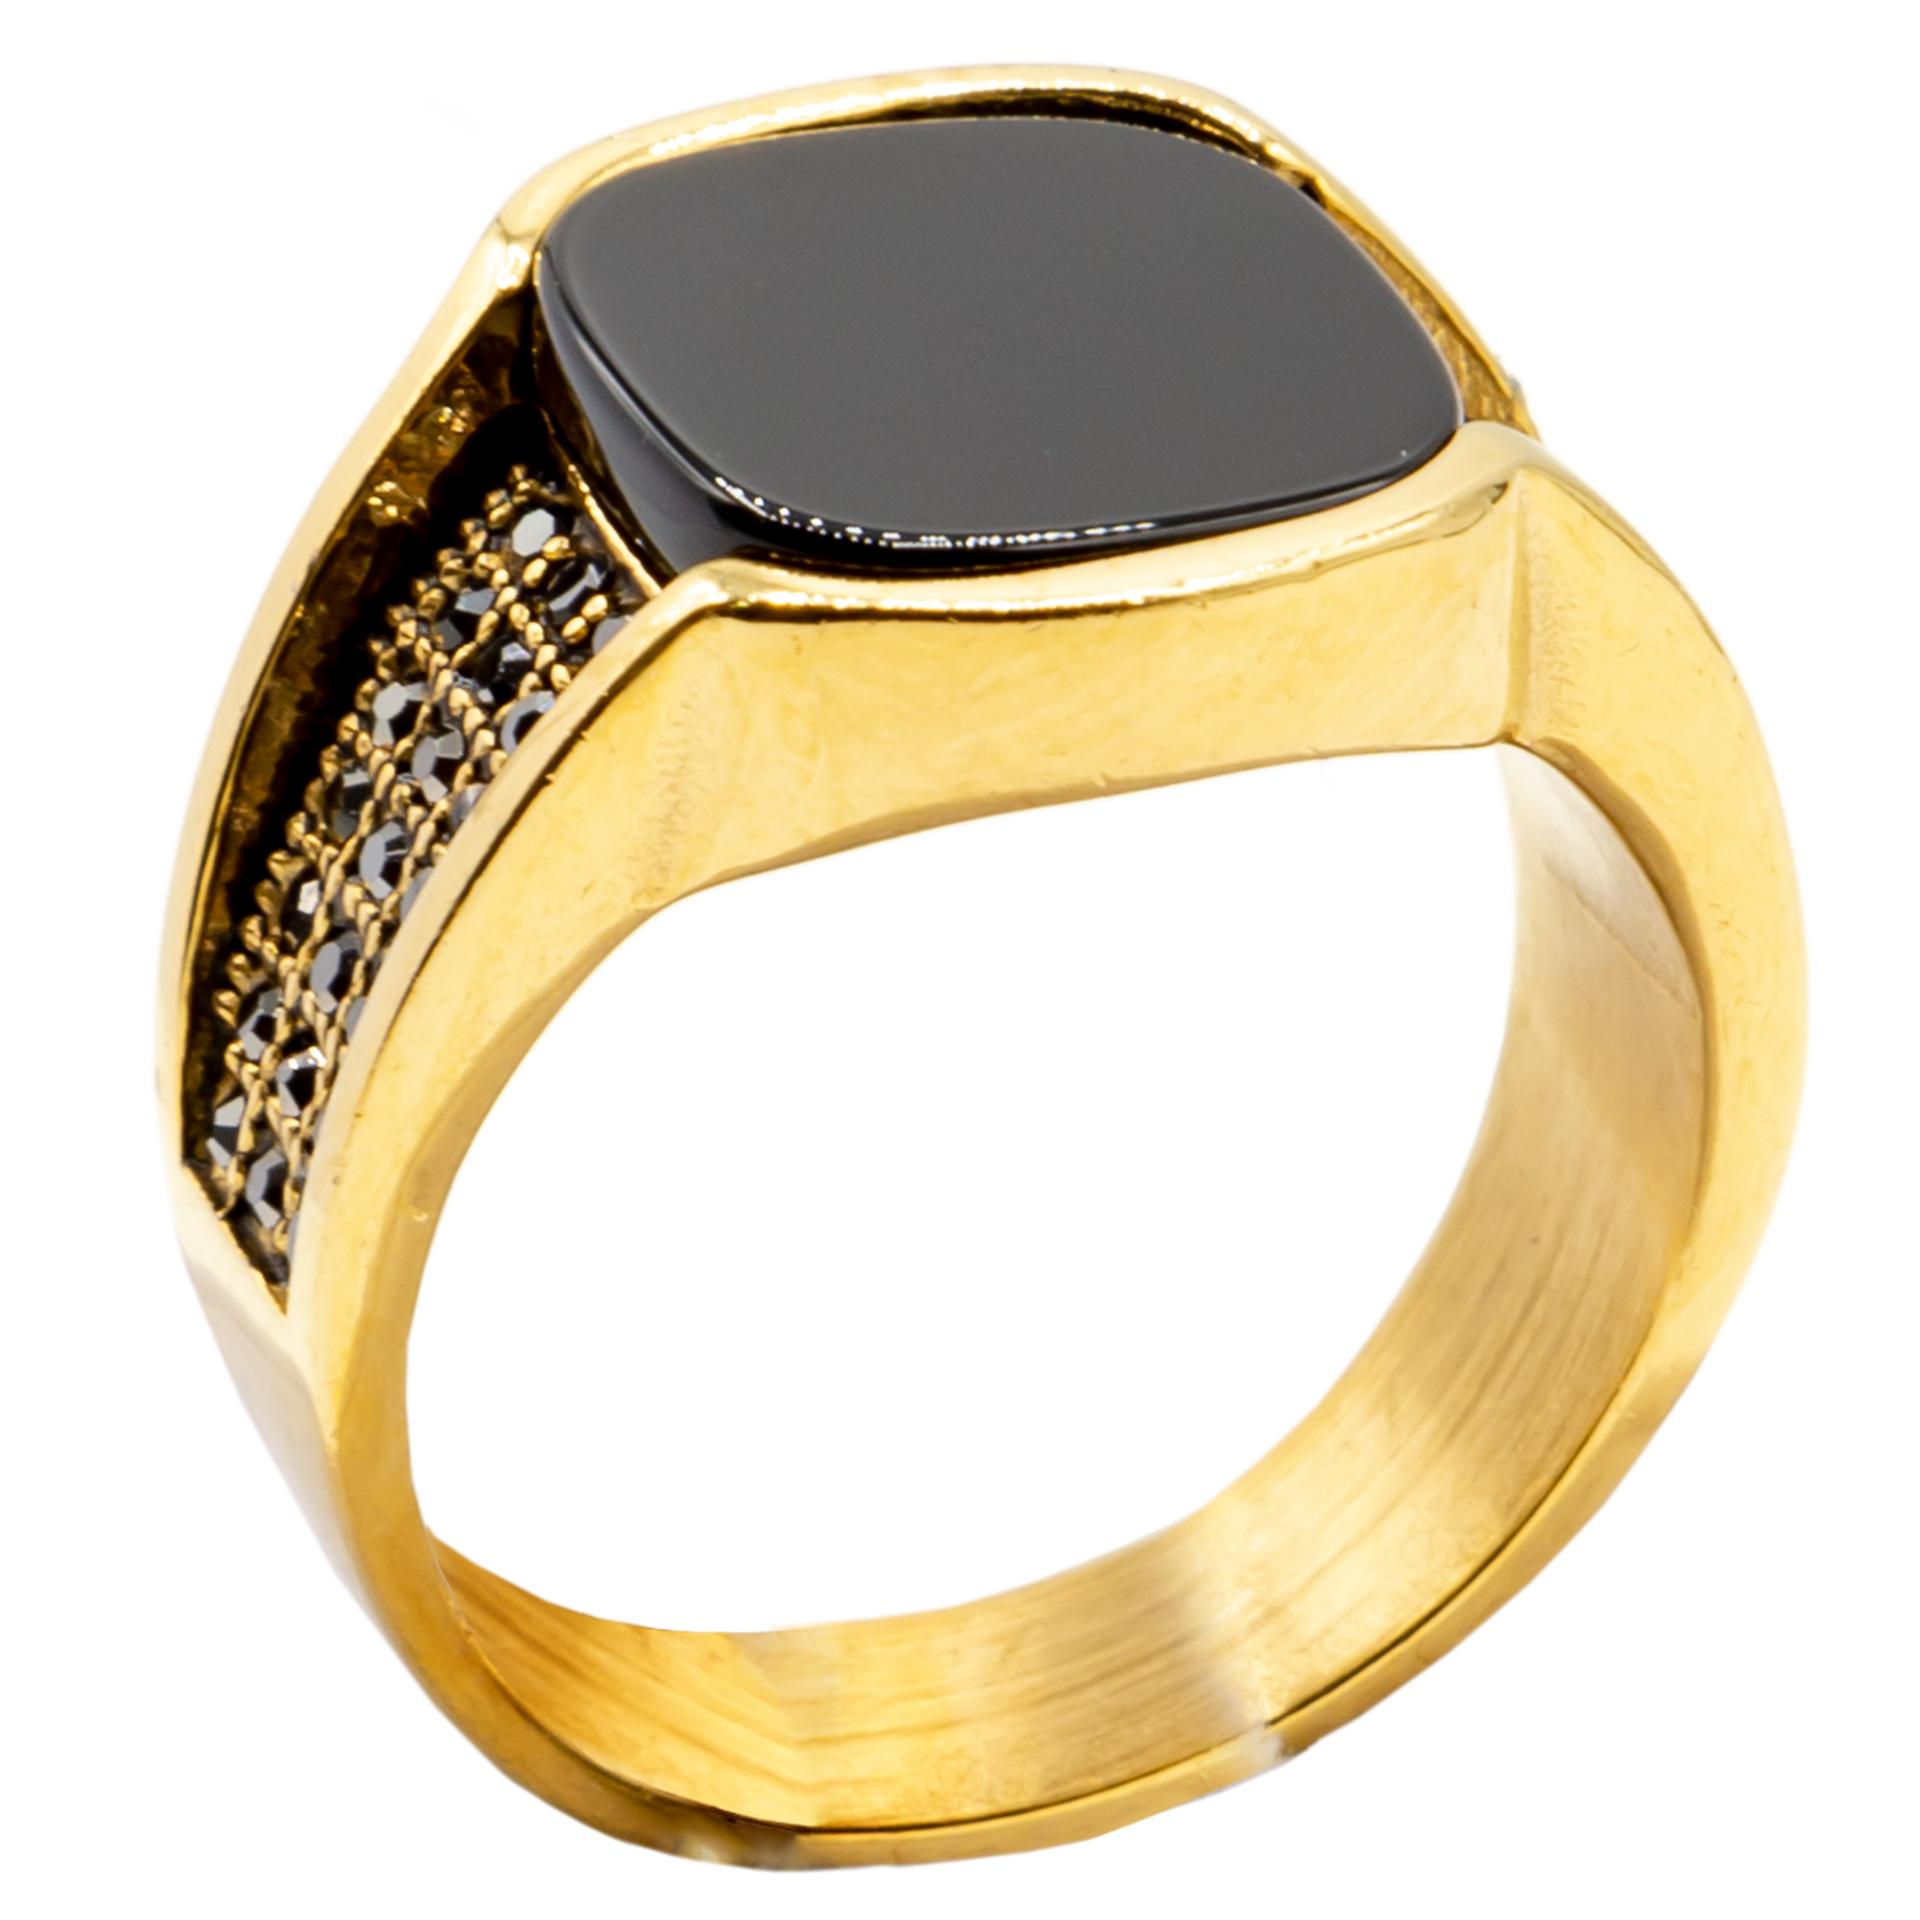 انگشتر مردانه بهارگالری مدل Square Luxury